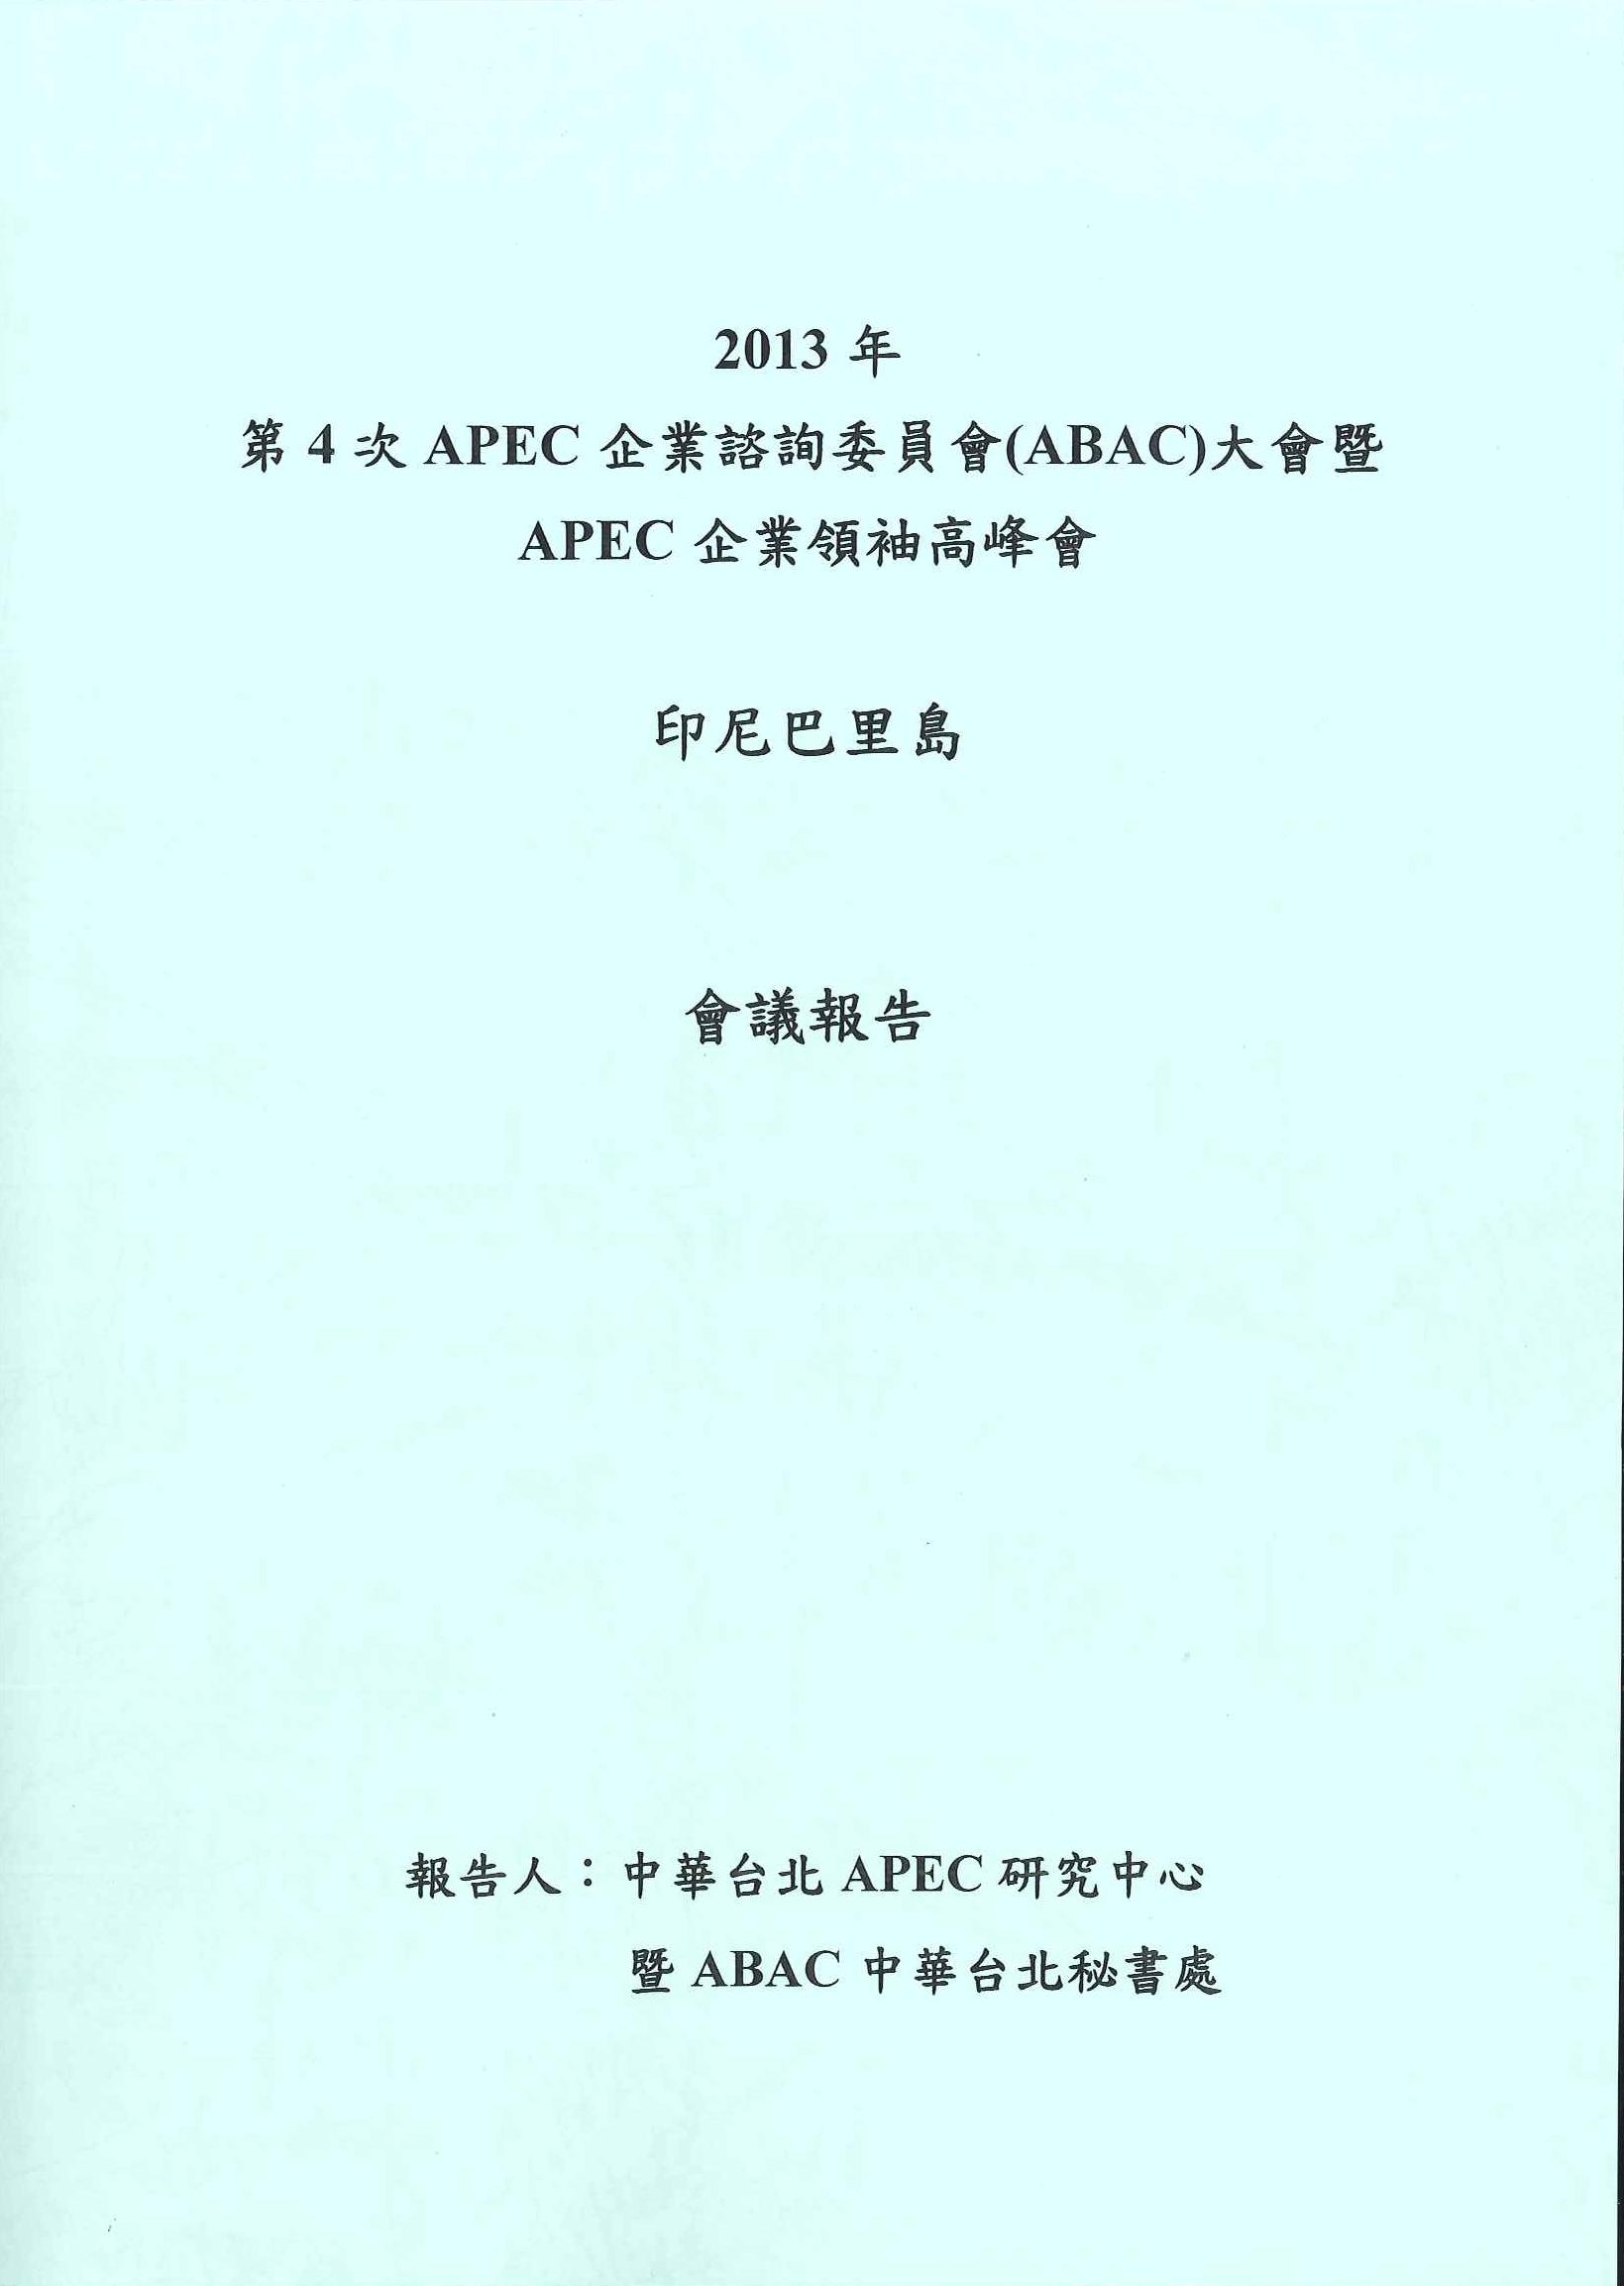 2013年第4次APEC企業諮詢委員會(ABAC)大會暨APEC企業領袖高峰會會議報告